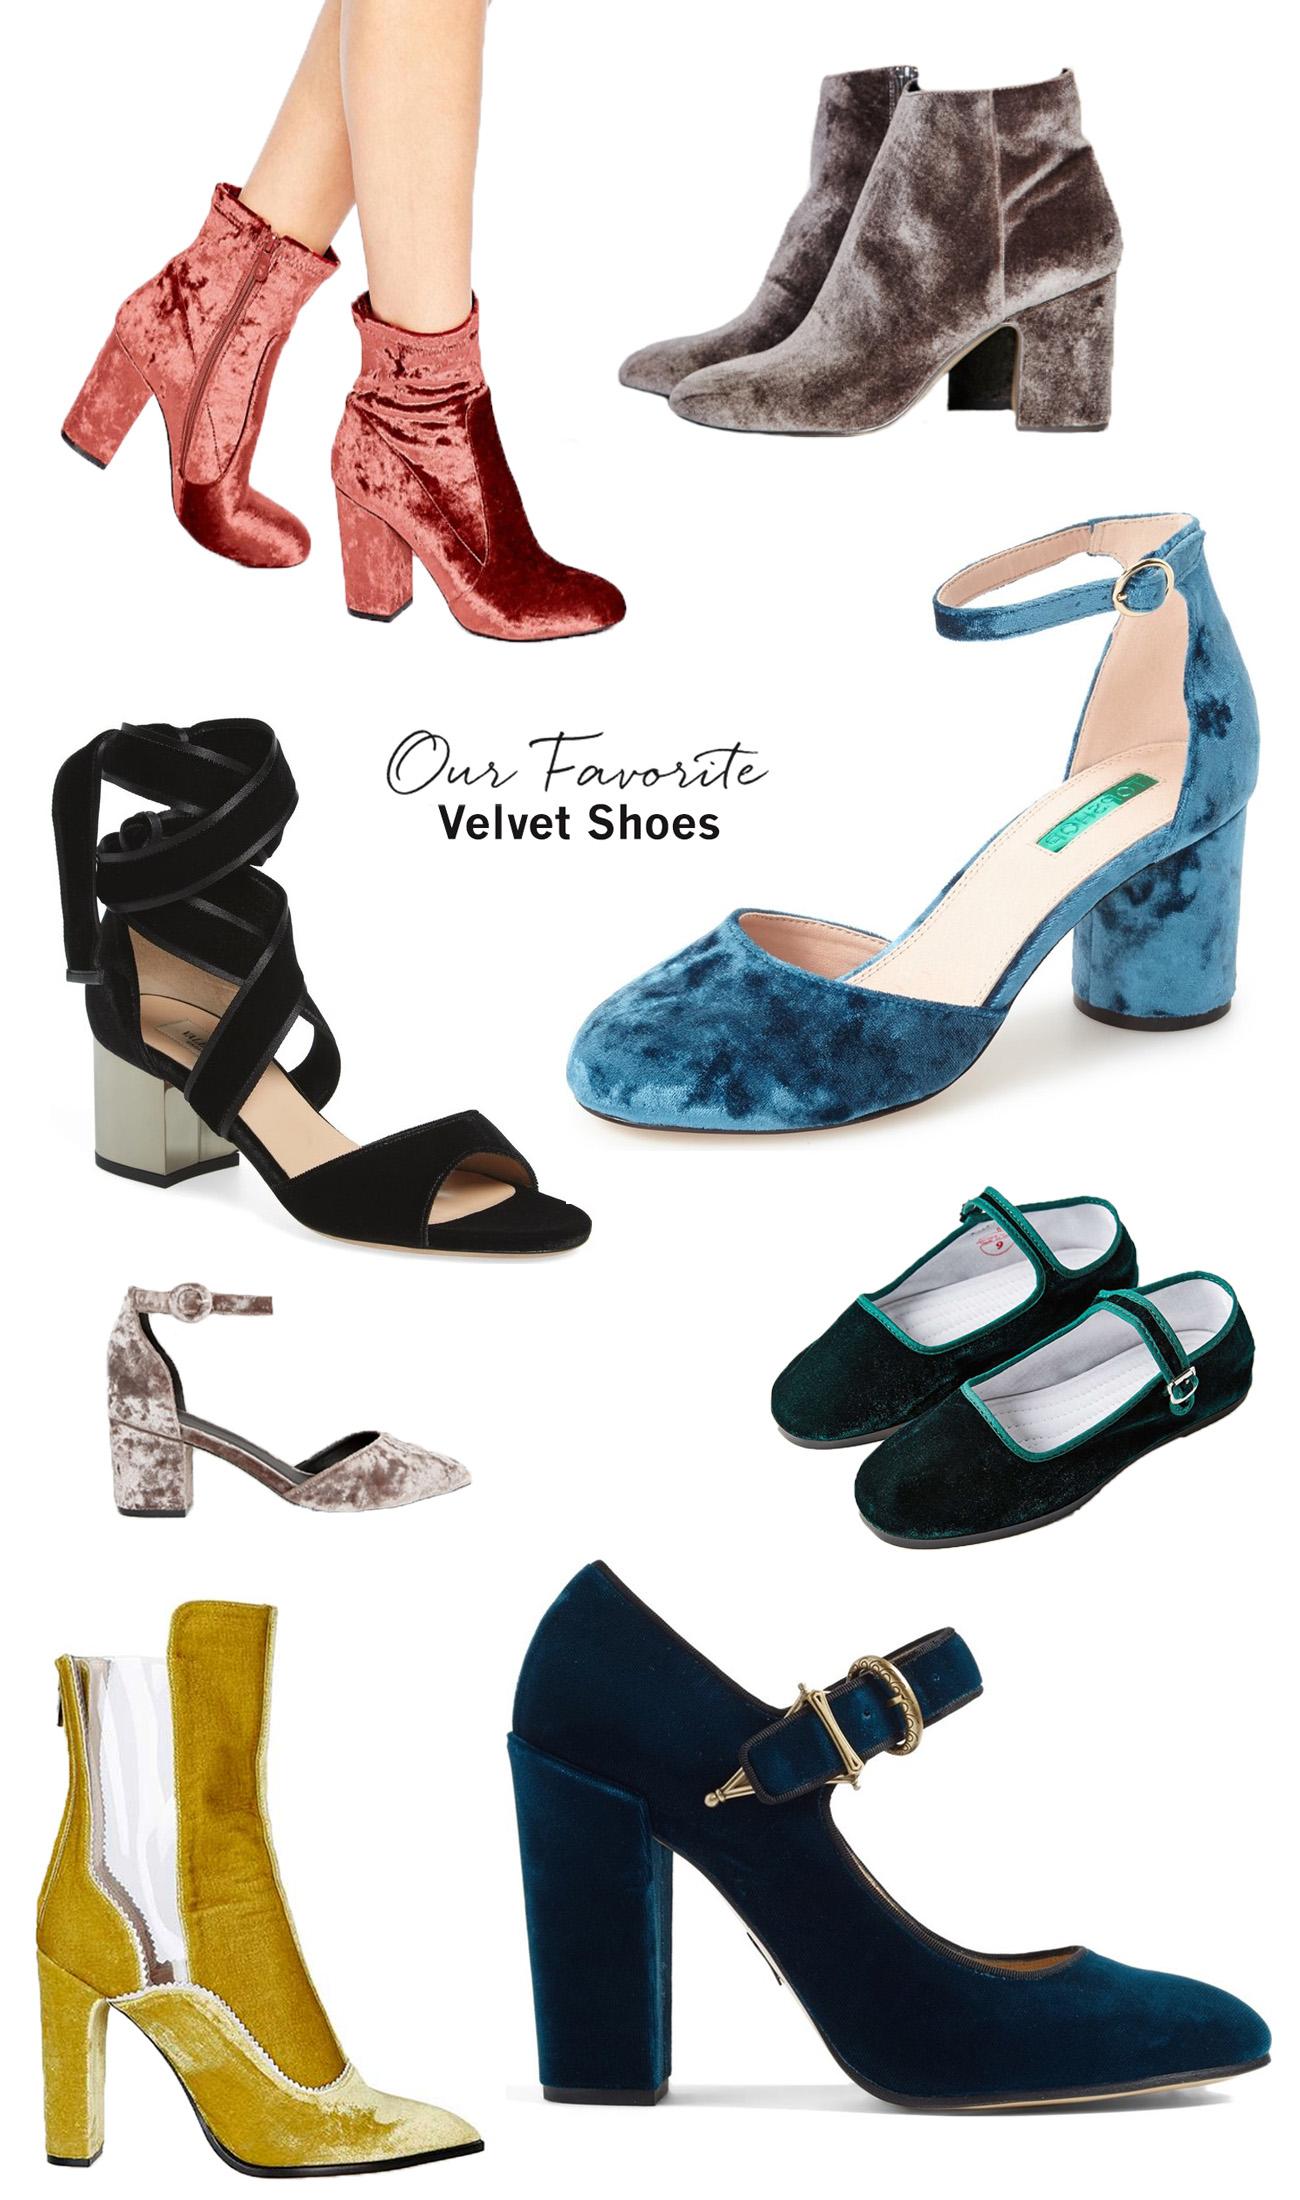 Our Favorite Velvet Shoes